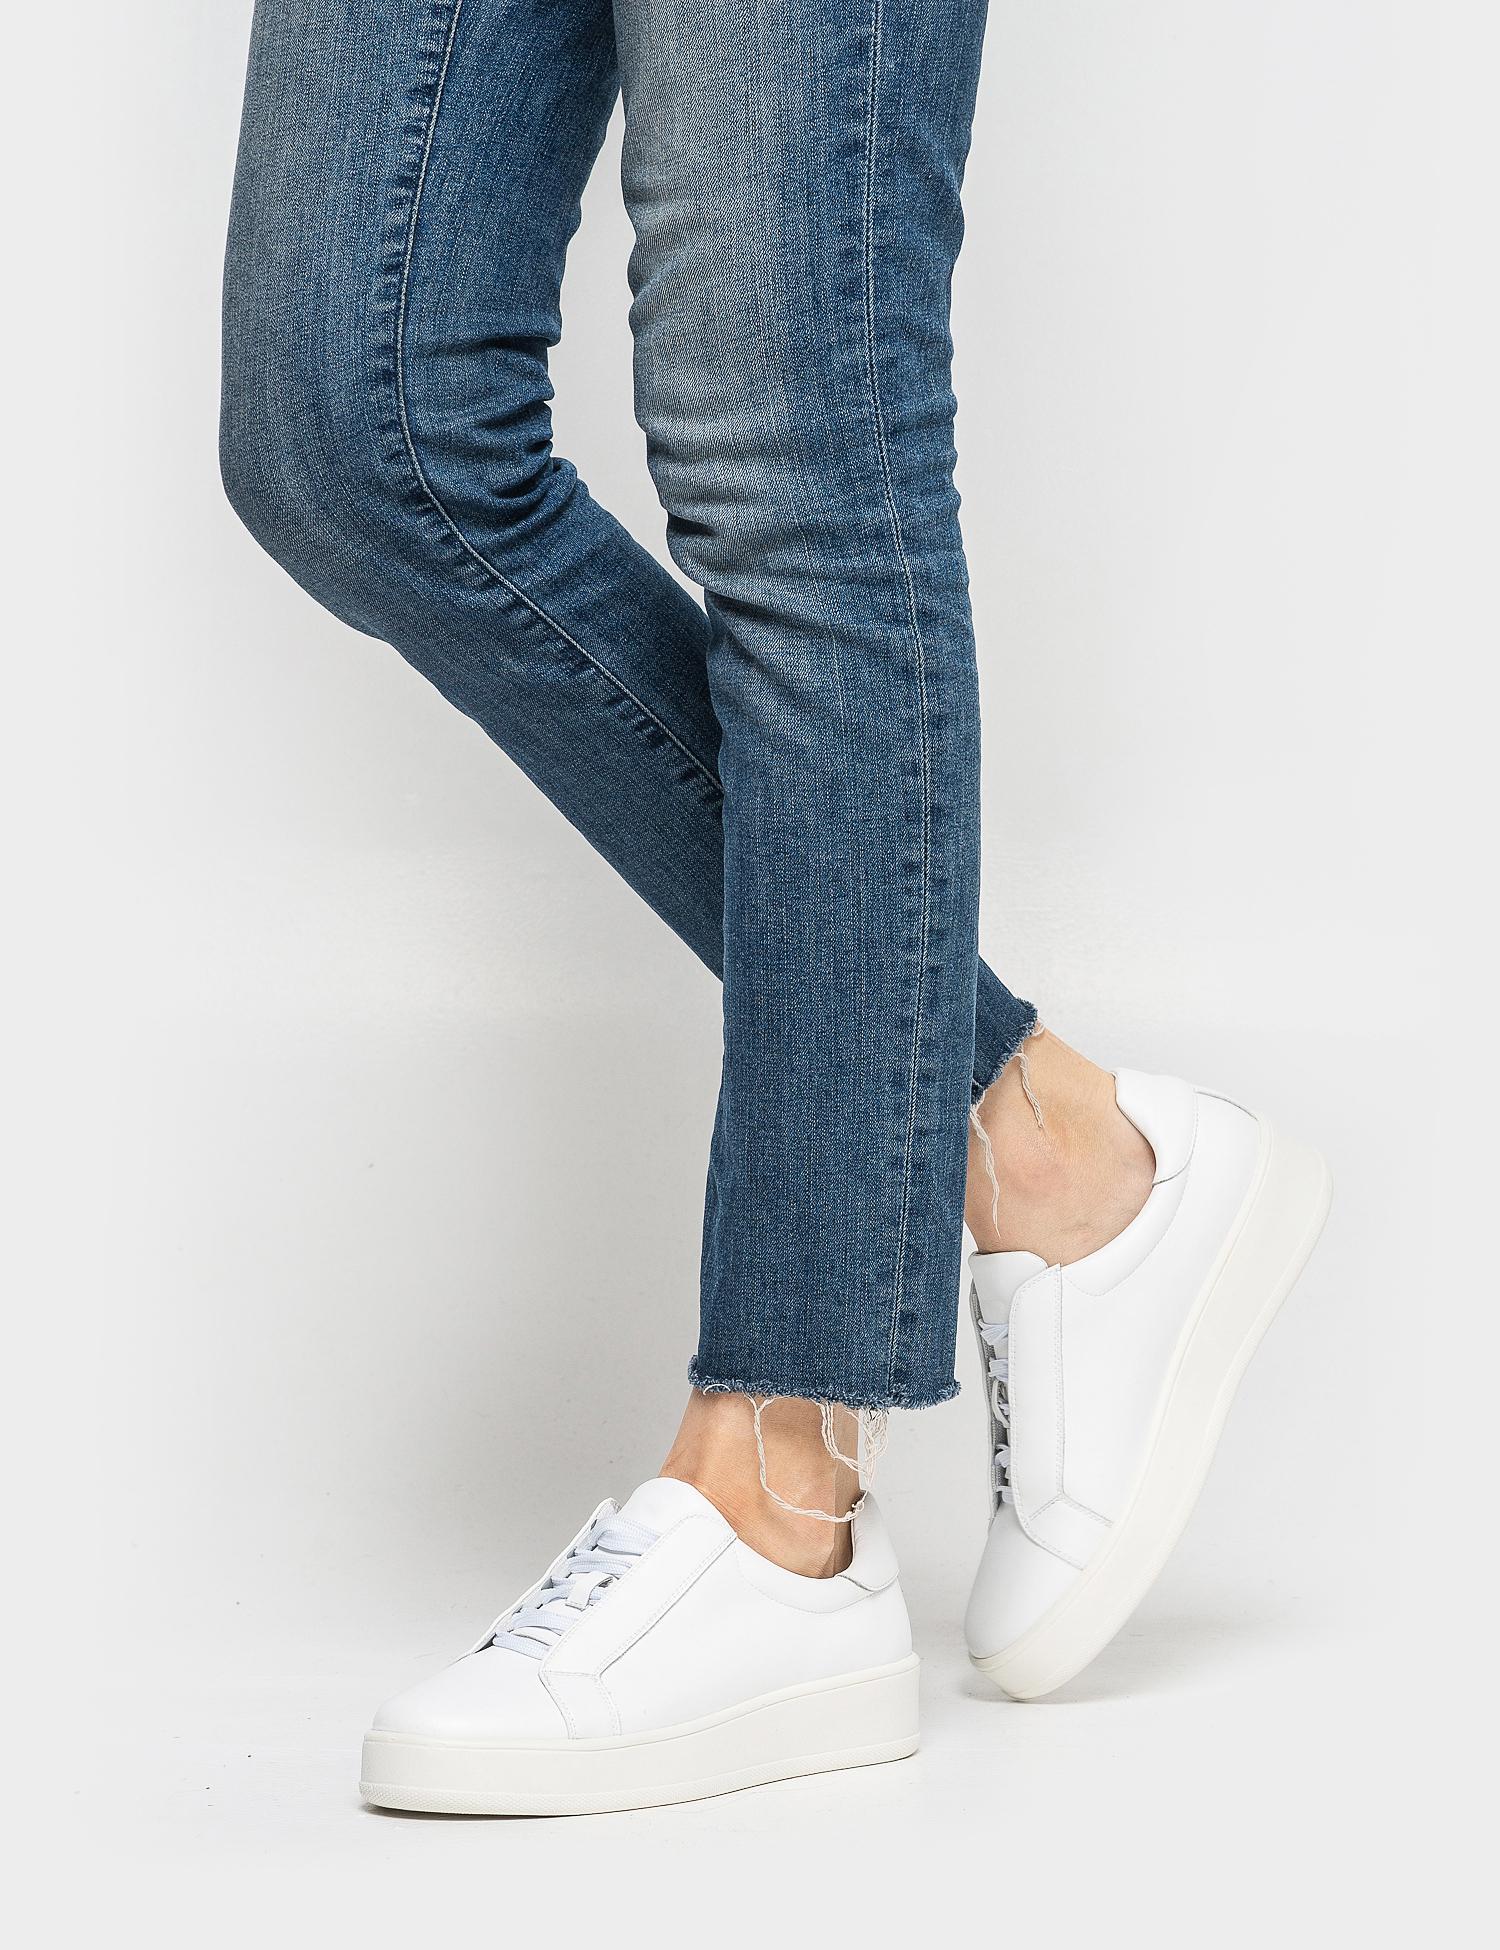 Кеди  жіночі Кроссовки 75908180-1 белая кожа 75908180-1 розмірна сітка взуття, 2017